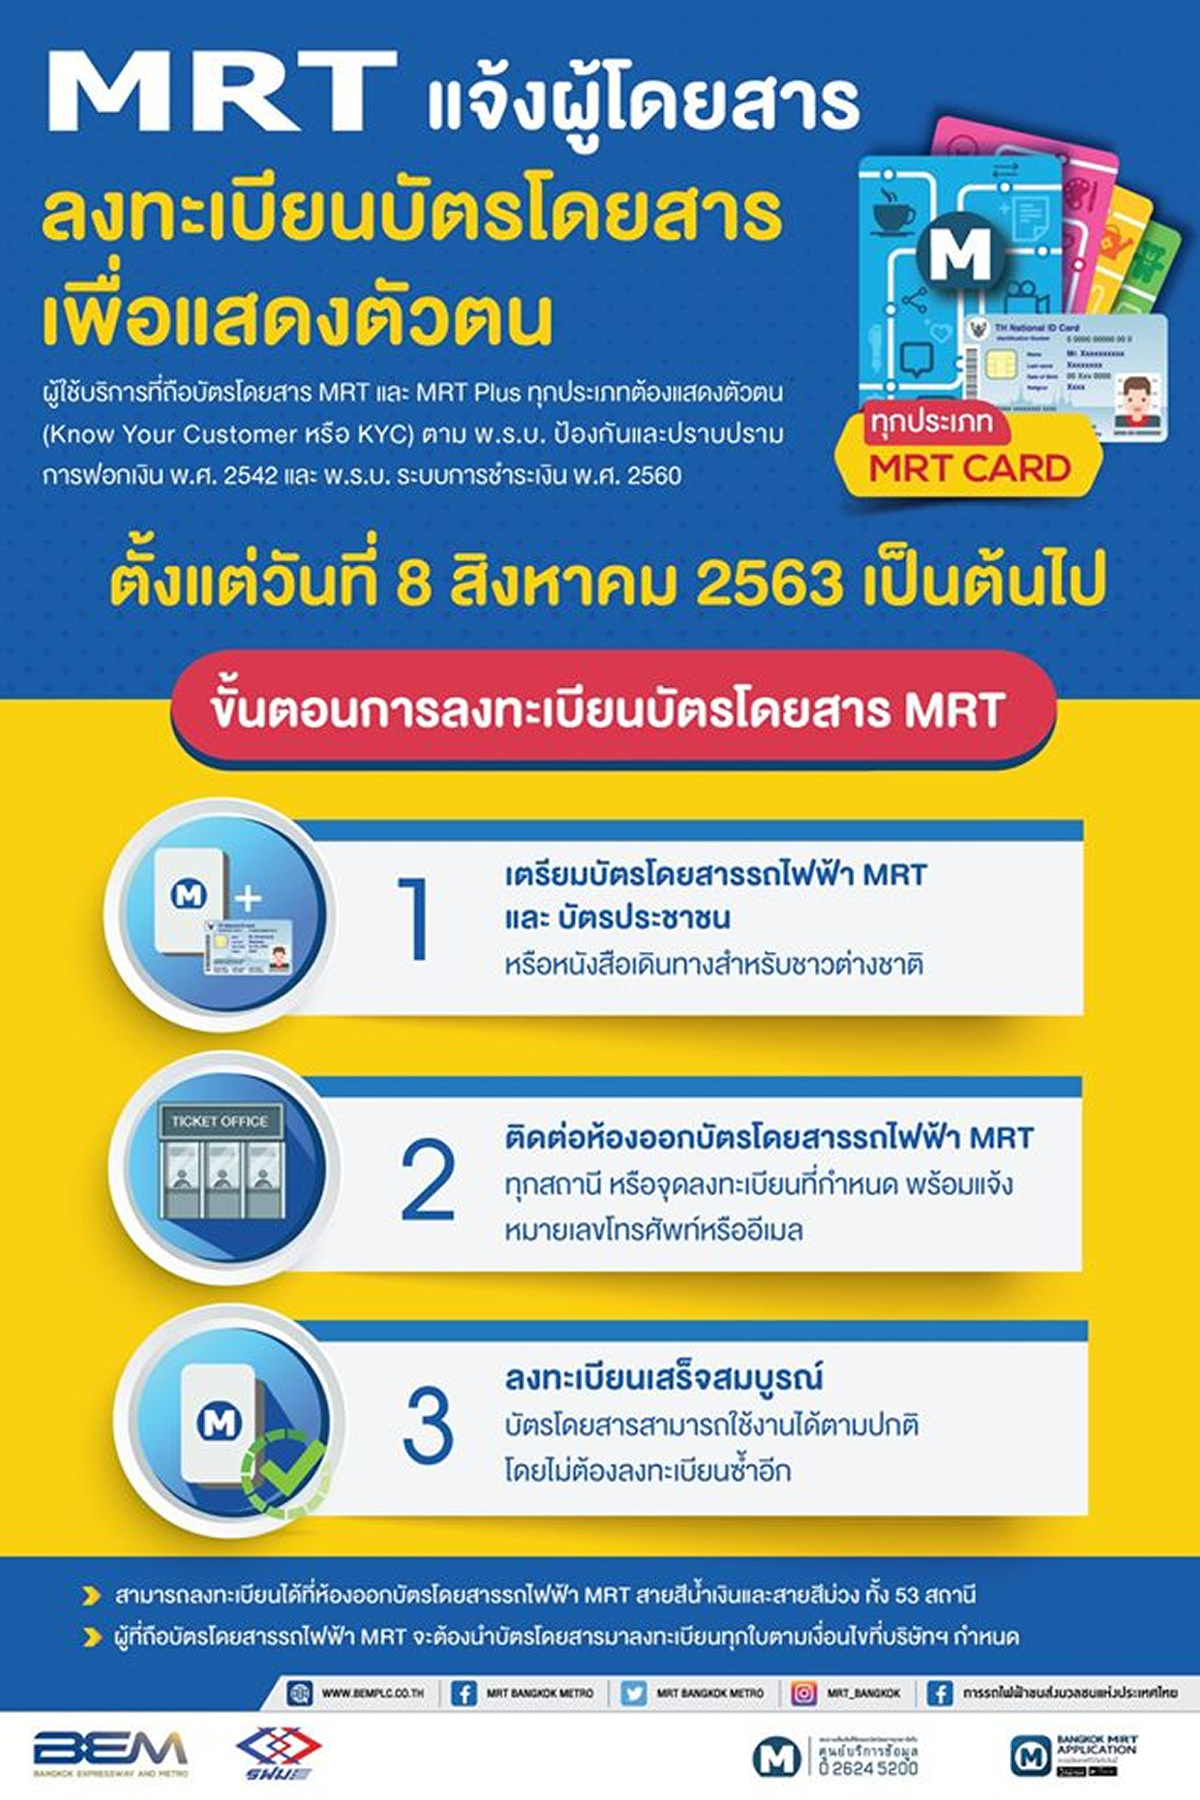 ICカード乗車券「MRT CARD」の登録義務化&アイドルグループ・RedSpinによるMVも公開